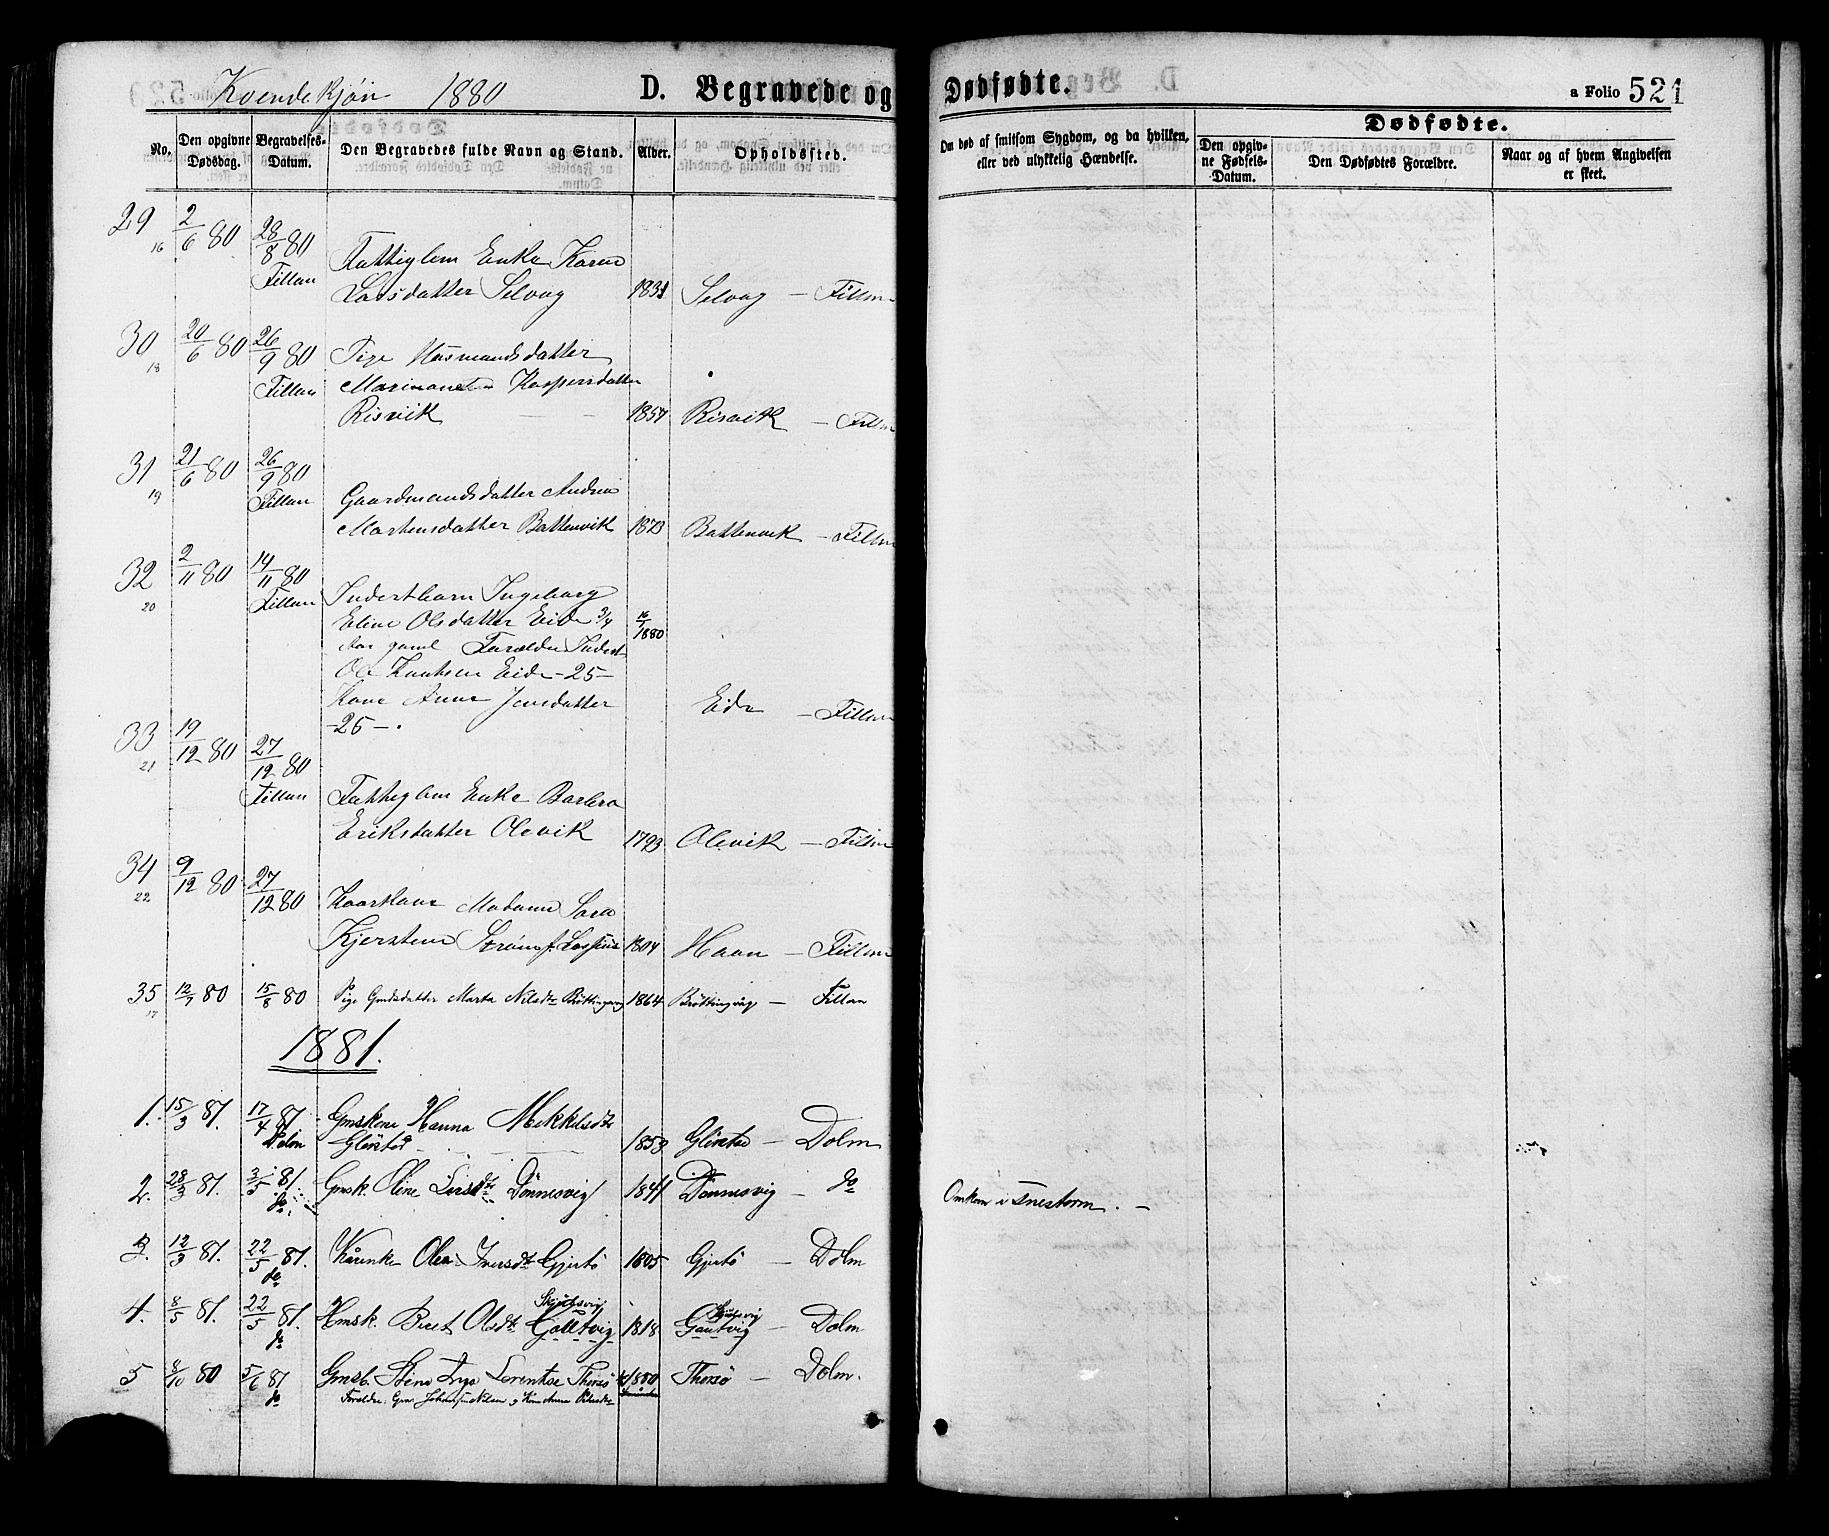 SAT, Ministerialprotokoller, klokkerbøker og fødselsregistre - Sør-Trøndelag, 634/L0532: Ministerialbok nr. 634A08, 1871-1881, s. 521